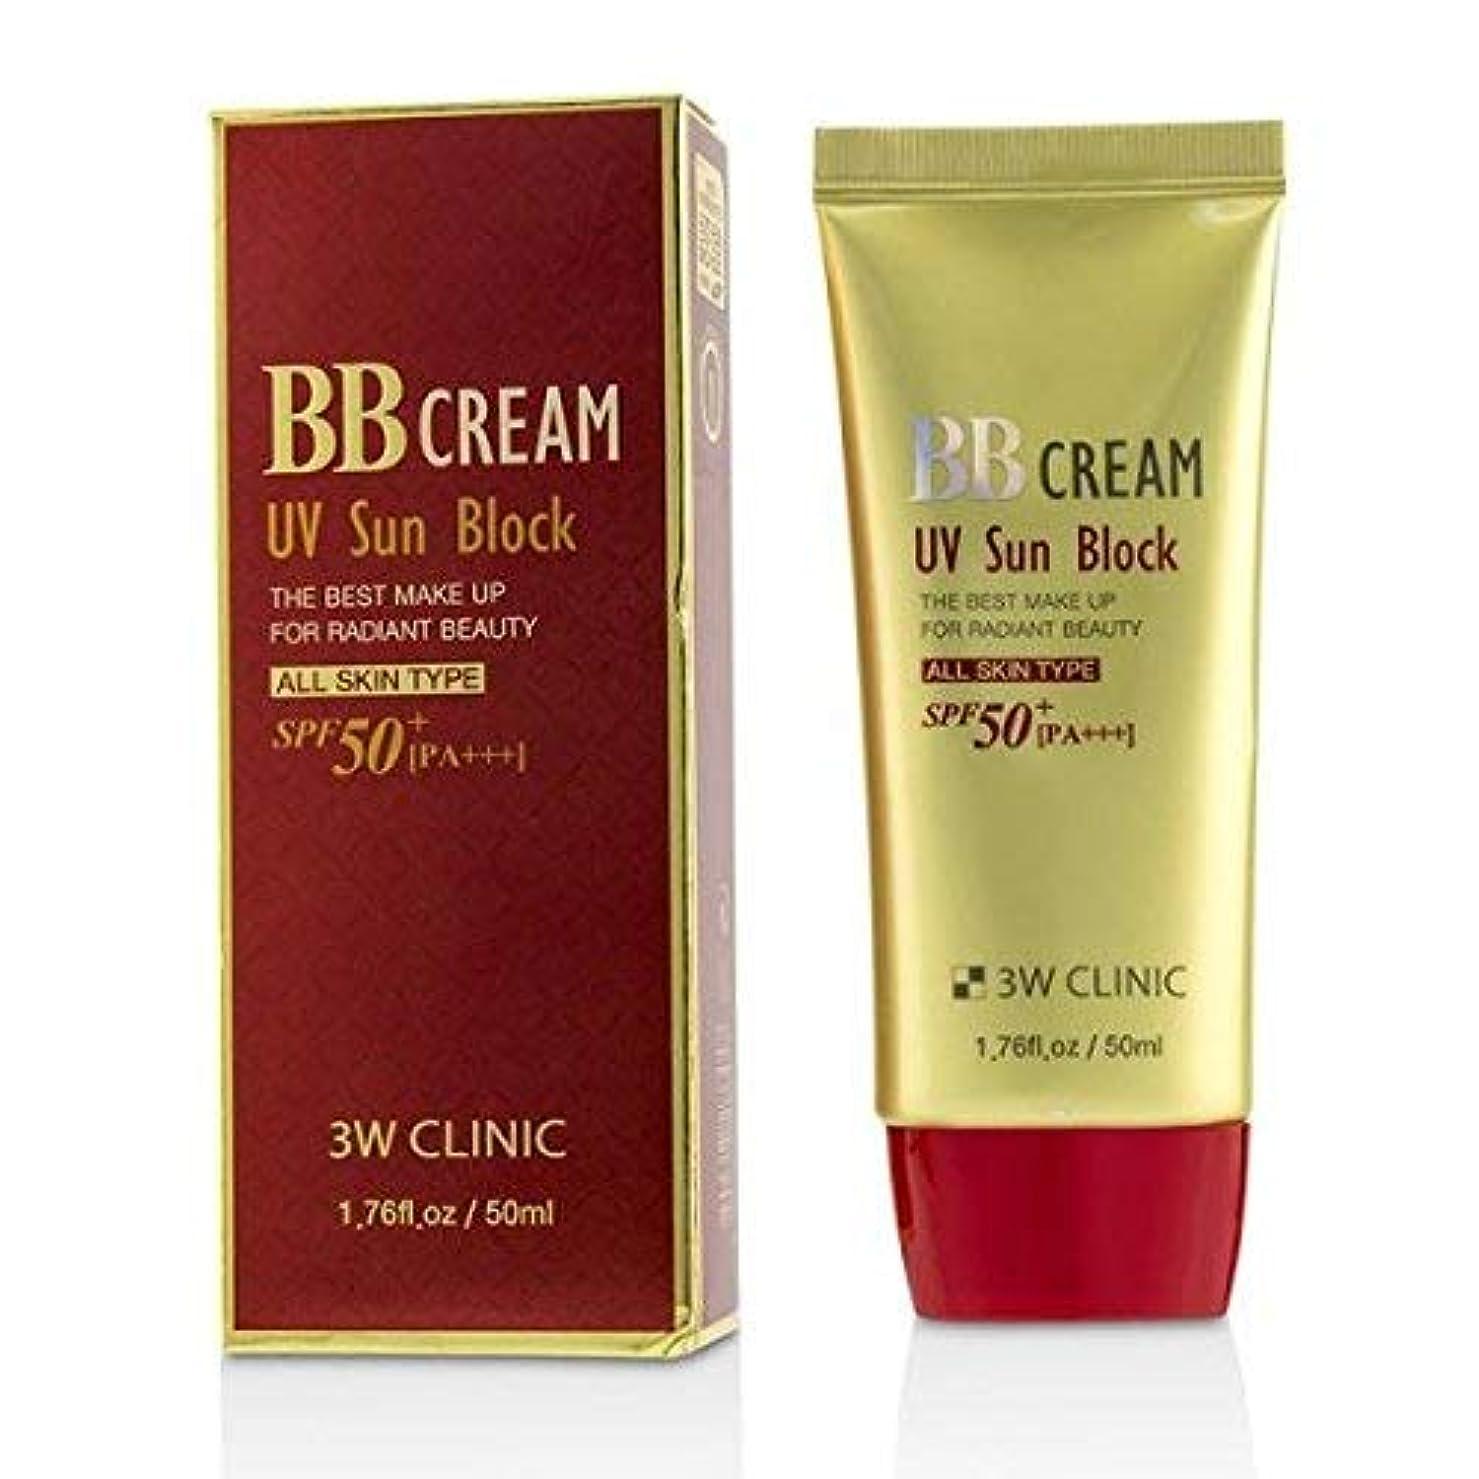 すべき苛性負3W CLINIC Uv SunブロックBbクリームSpf50 Pa +++韓国化粧品 [並行輸入品]